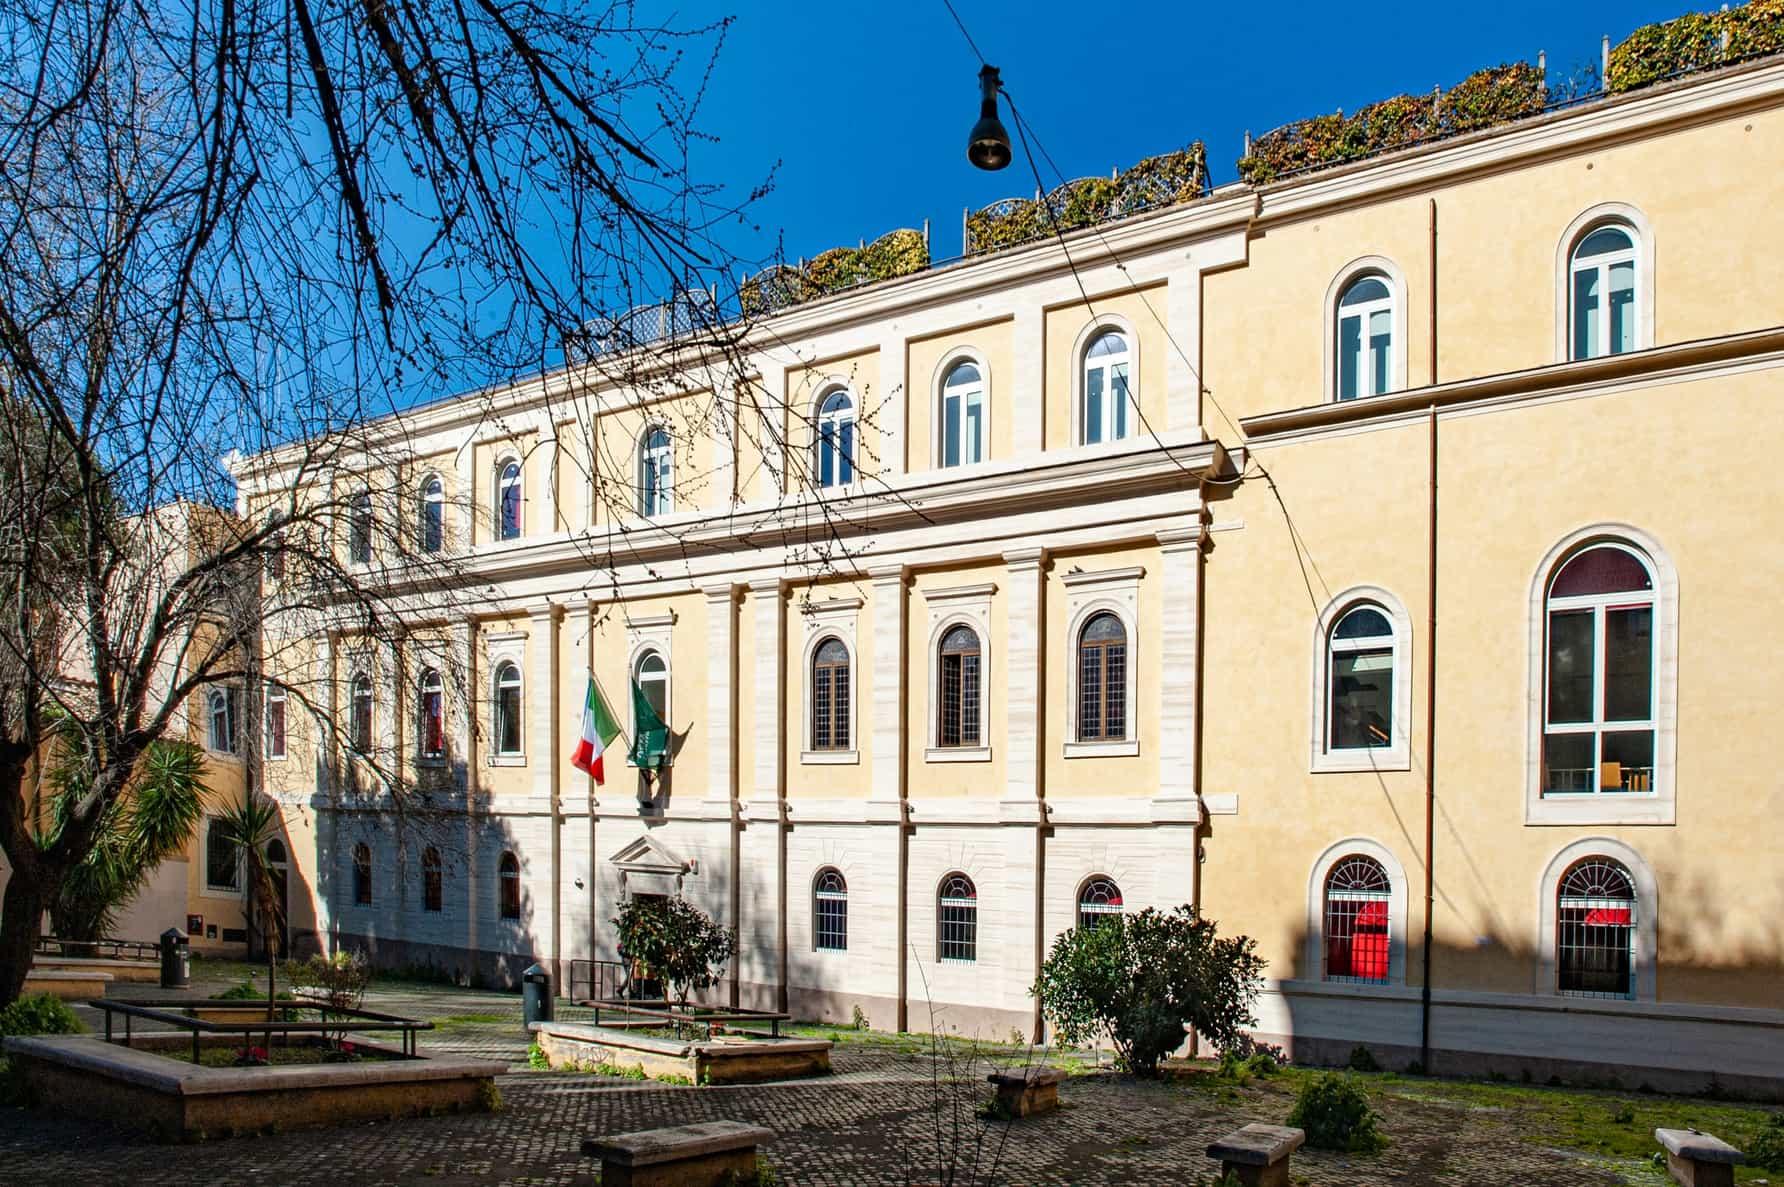 dipartimento-scienze-umane-roma.jpg